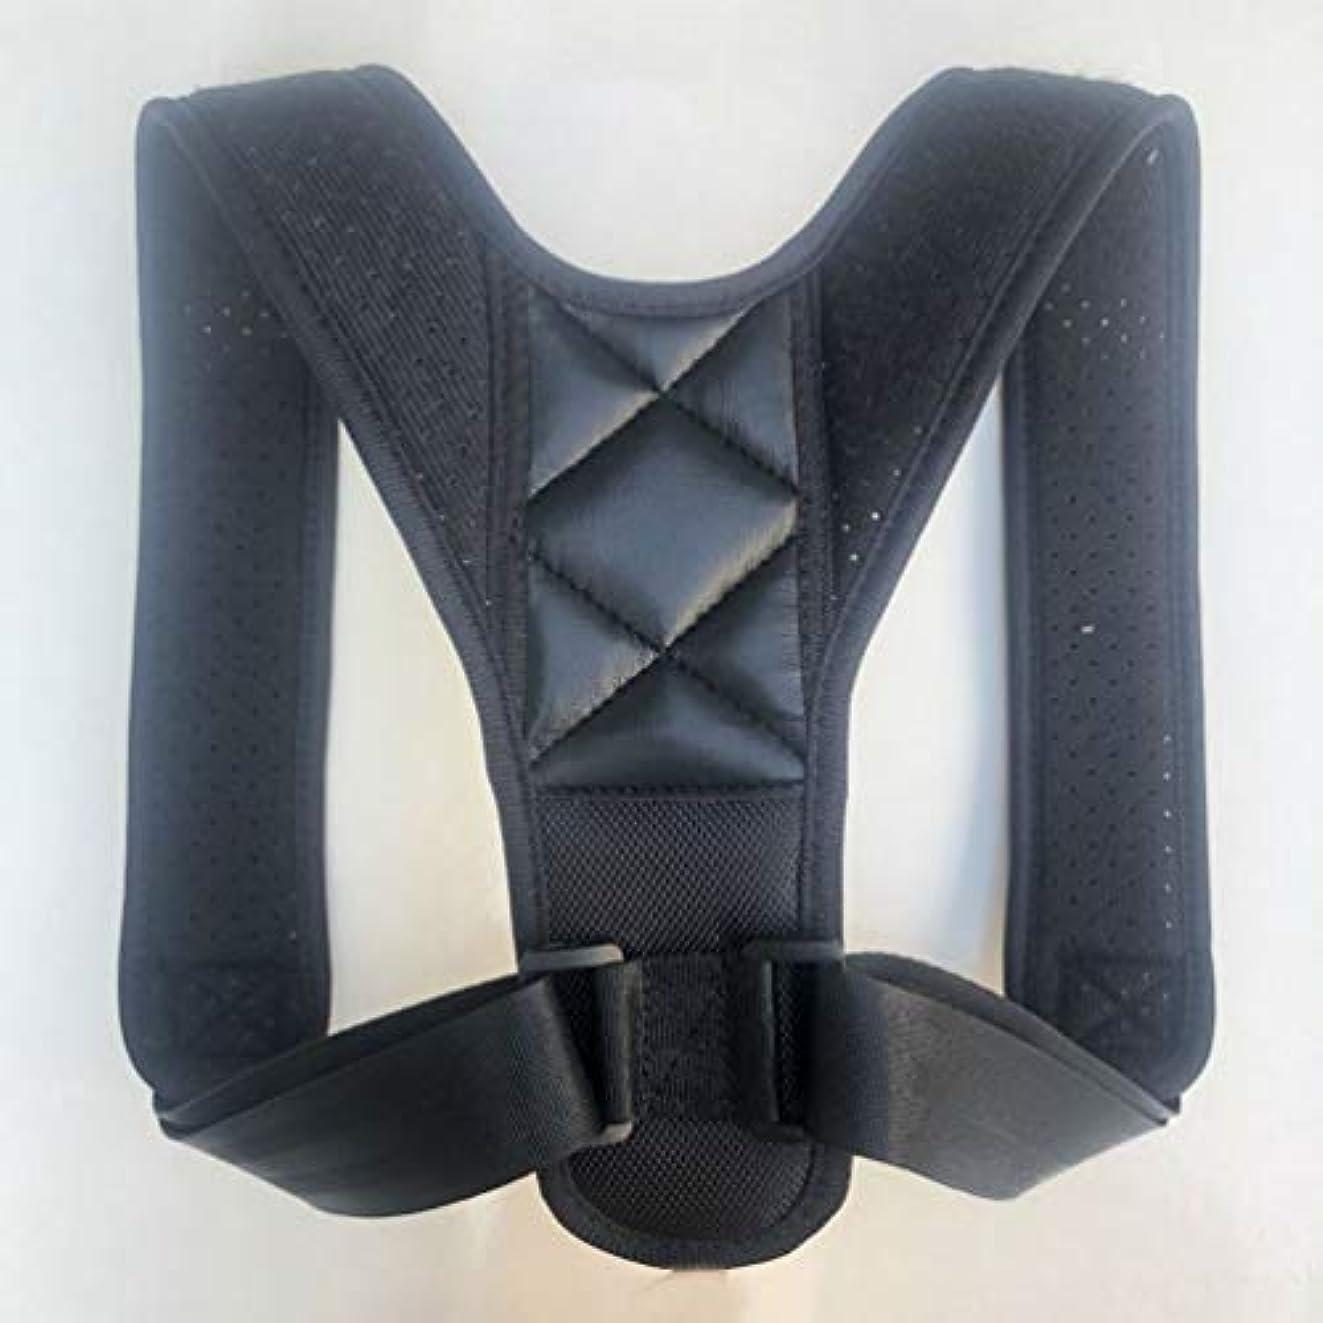 取る温度計謎めいたアッパーバックポスチャーコレクター姿勢鎖骨サポートコレクターバックストレートショルダーブレースストラップコレクター - ブラック